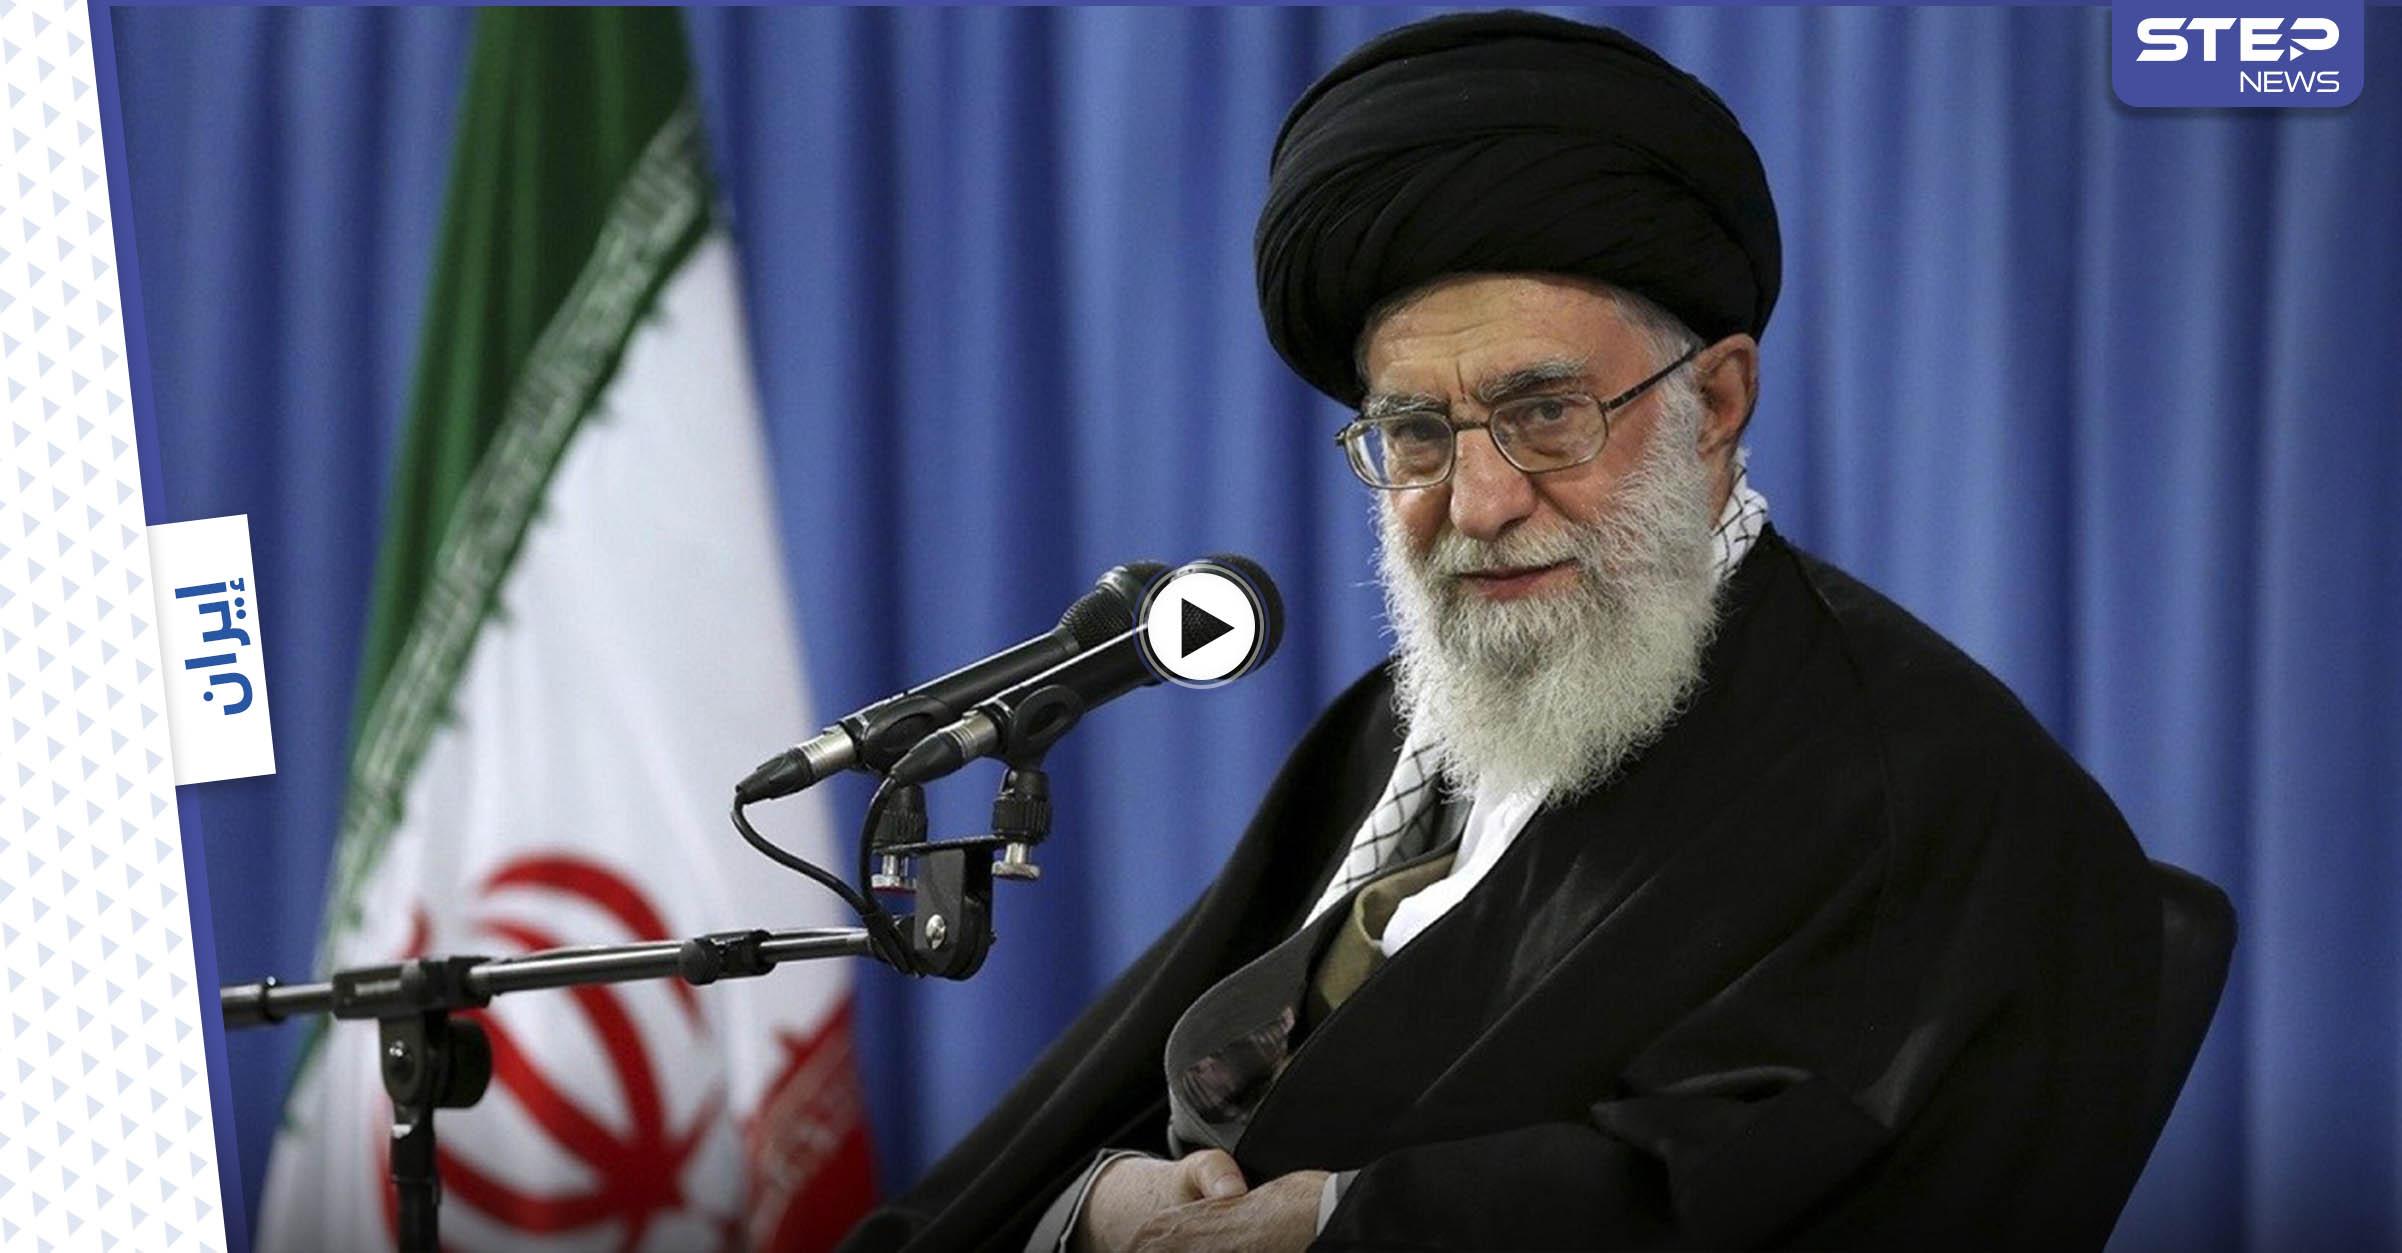 بالفيديو   المرشد الإيراني ينشر مقاطع لجلسة سرّية عام 2012 تحمل رسالة مبطّنة هامّة